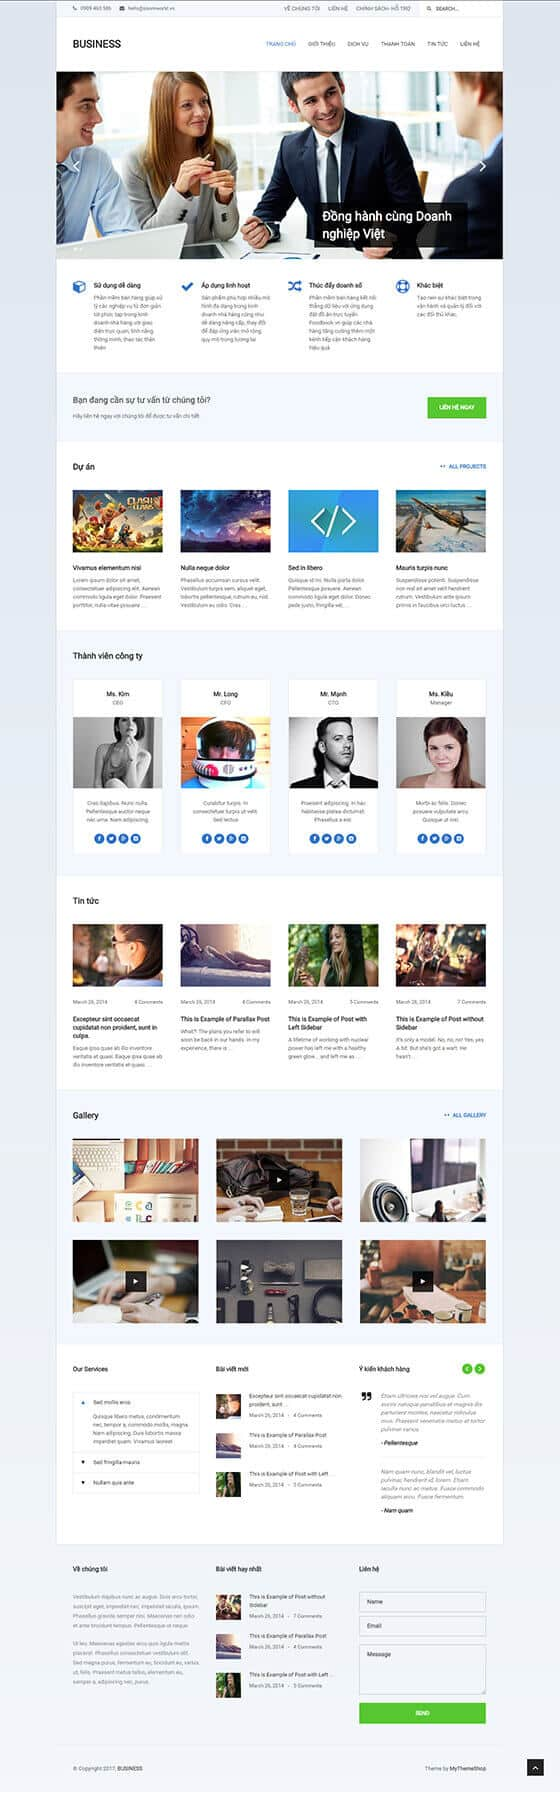 Mẫu website giới thiệu doanh nghiêp, công ty 02